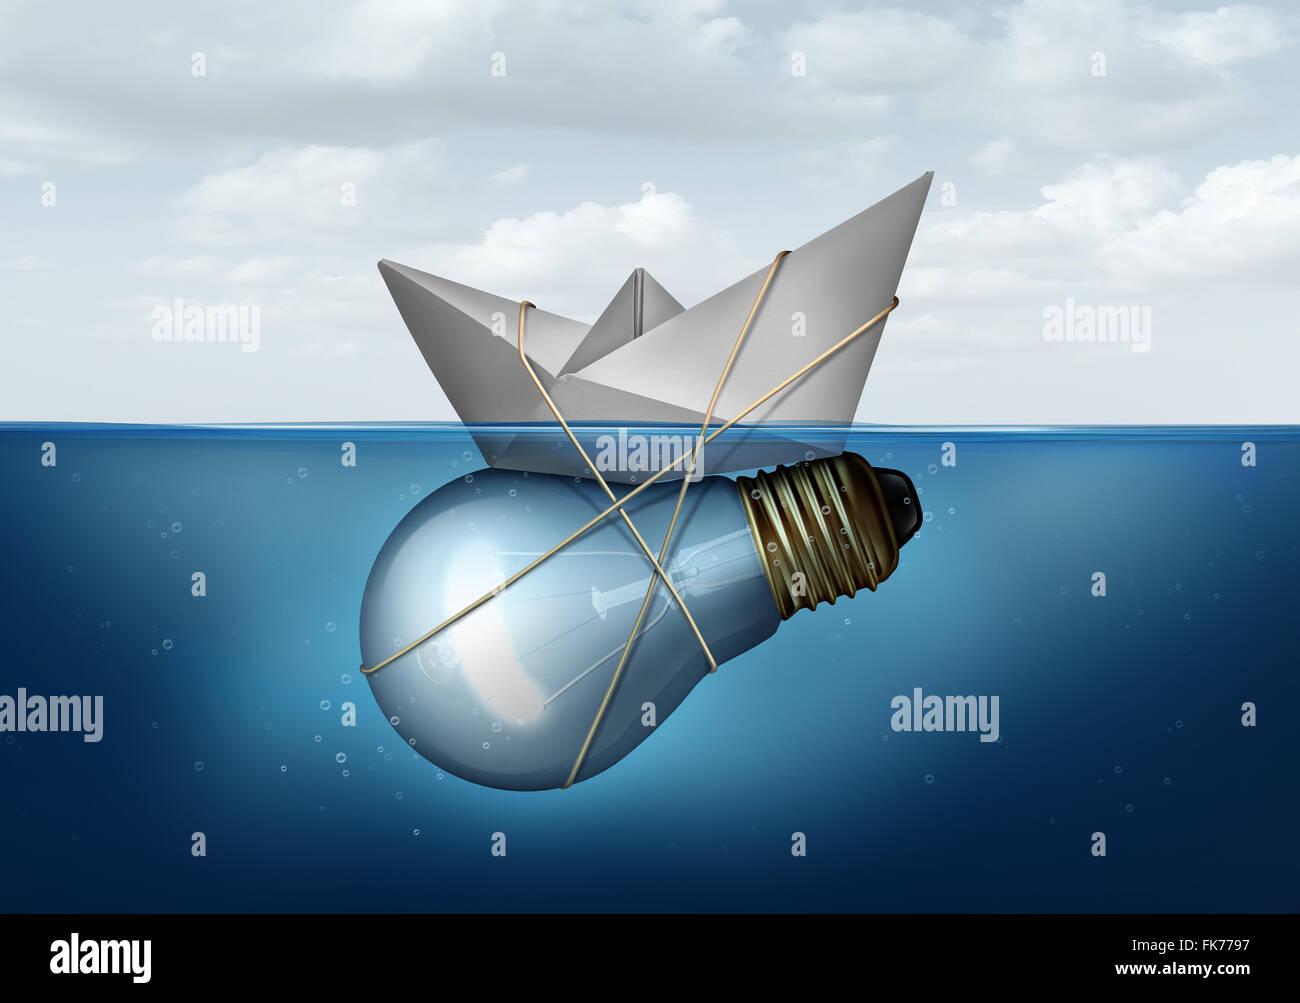 Business soluzione innovativa e creativa del progetto come una barca di carta legata a una lampadina o lampadina Immagini Stock